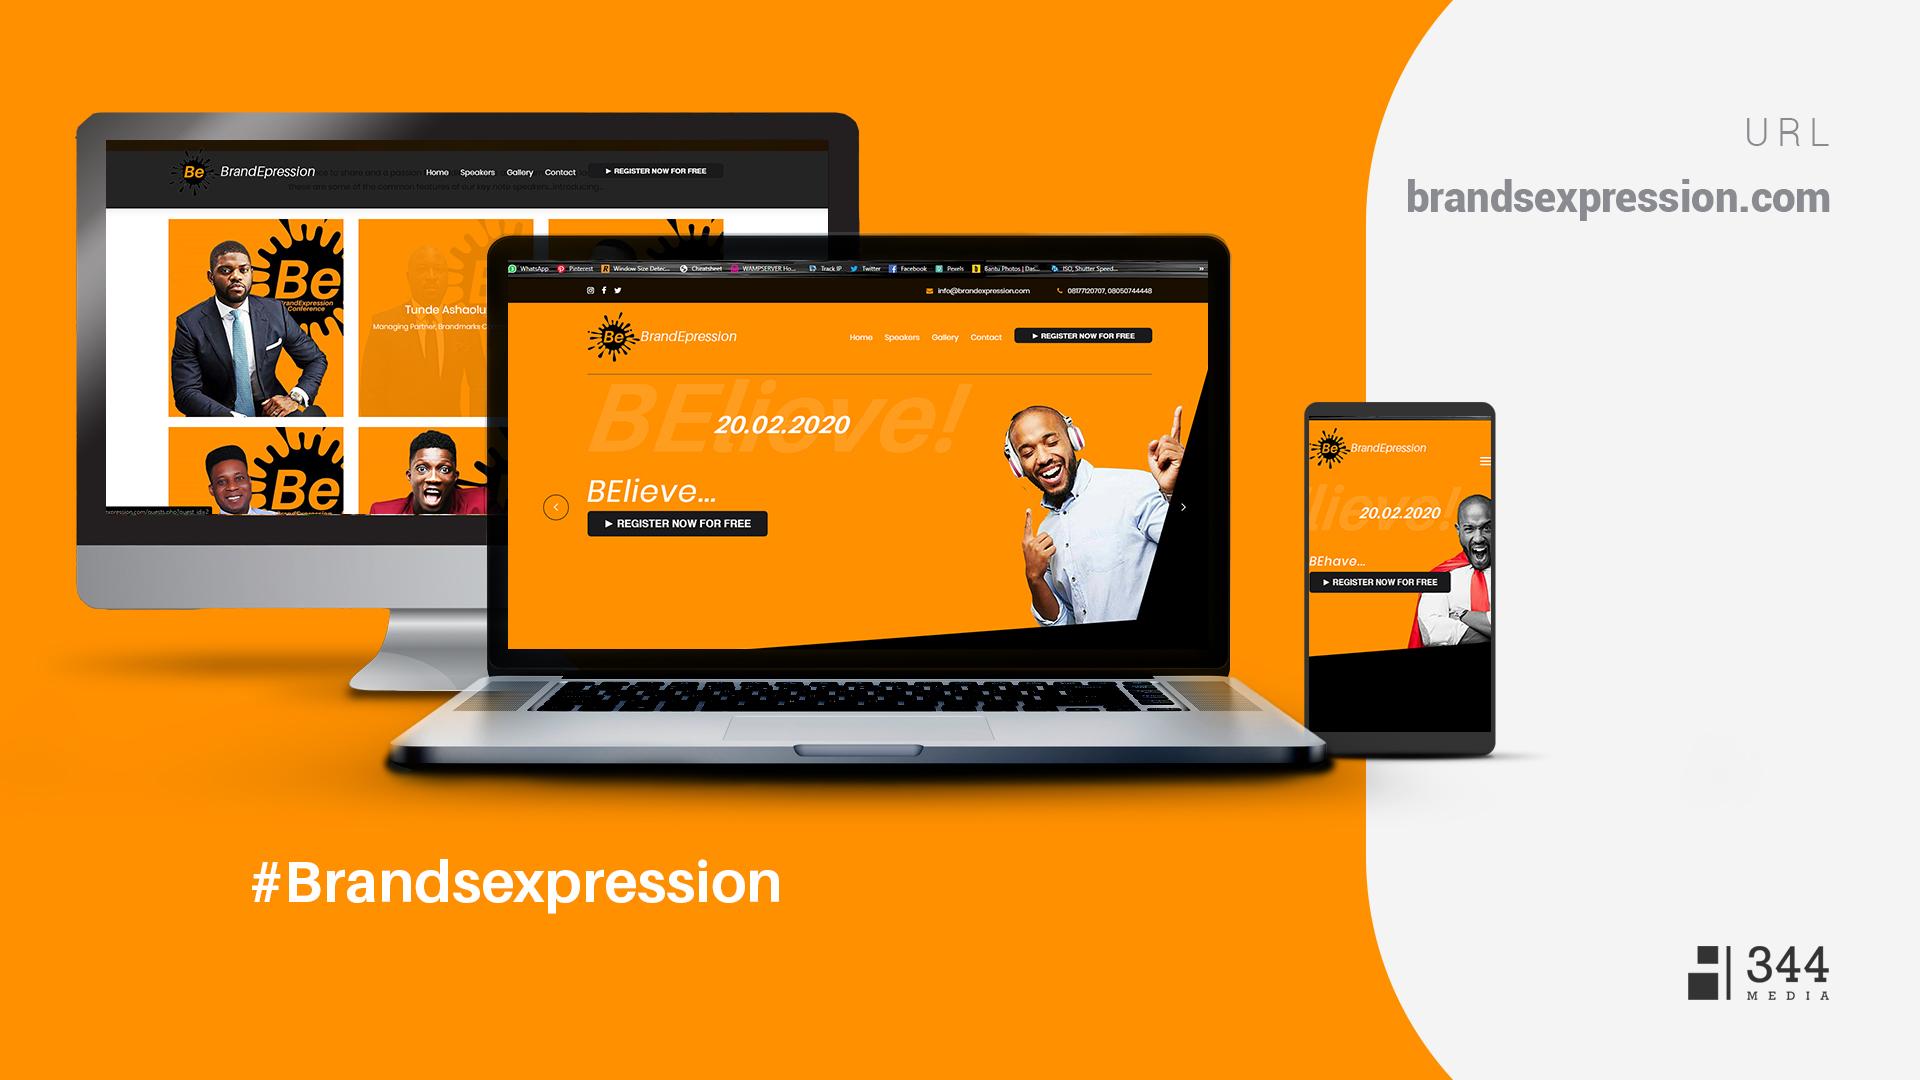 BrandsExpression Event Website